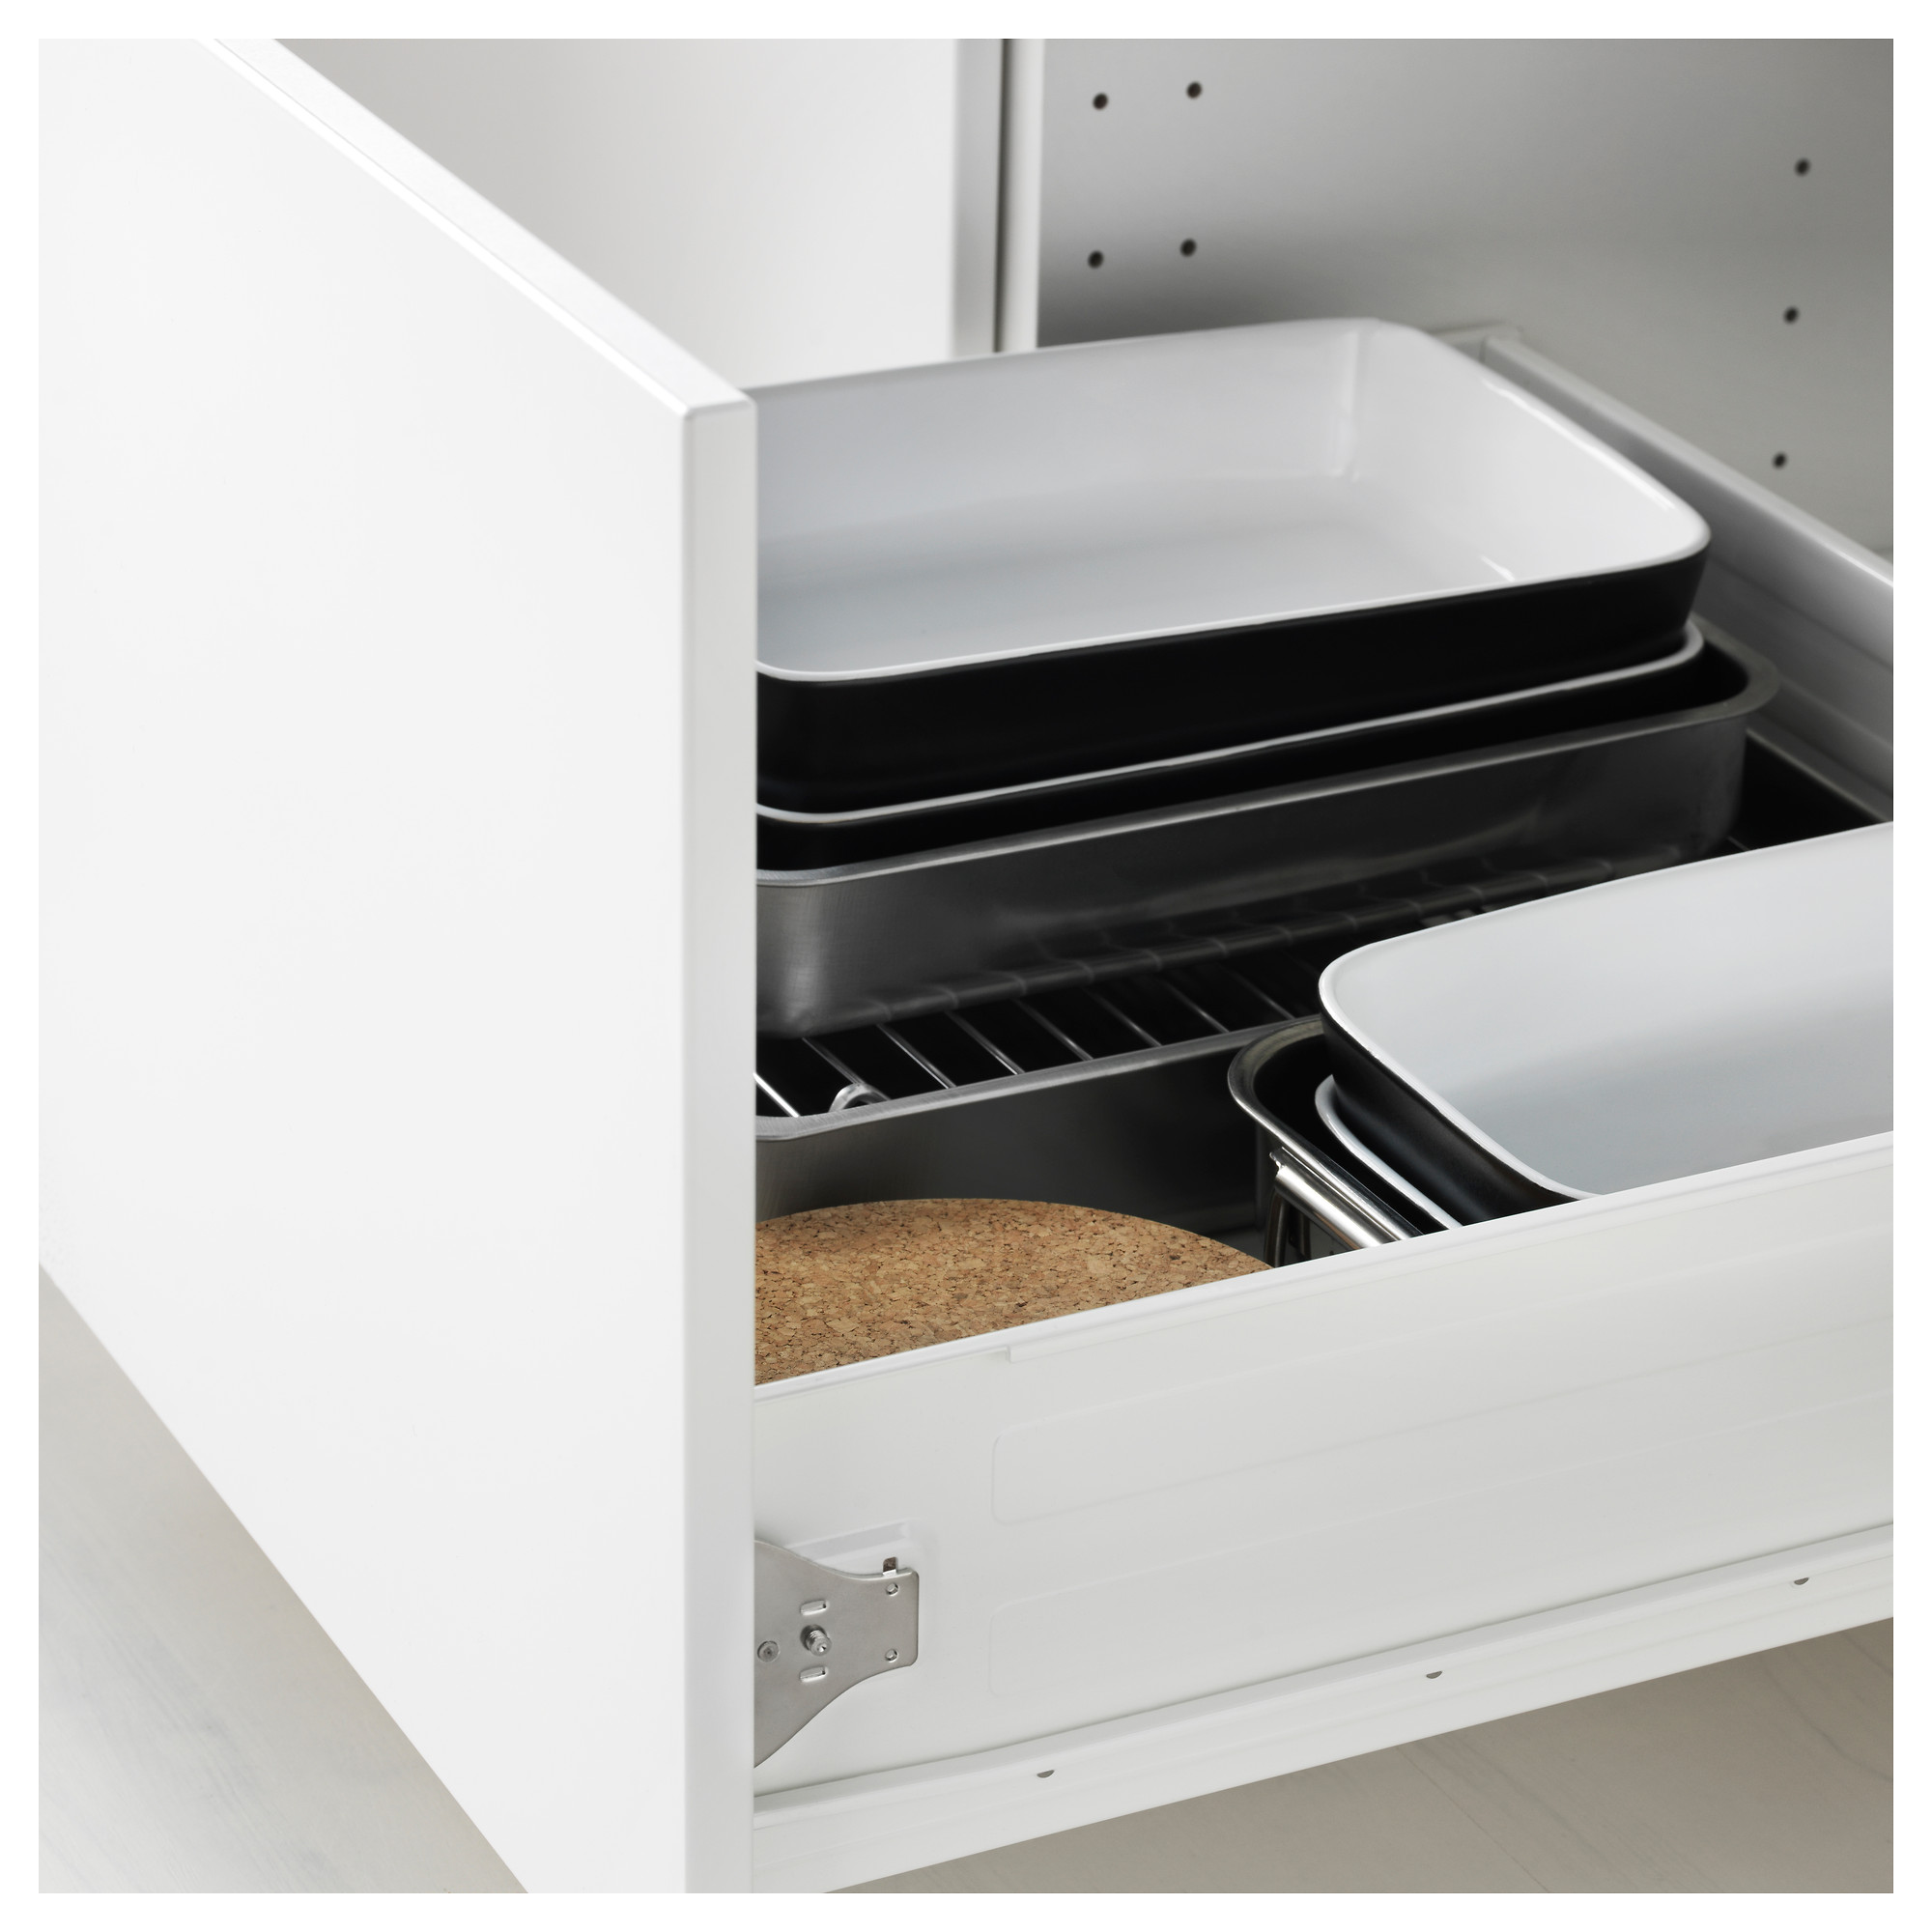 Высокий шкаф для духовки комбинированный, духовка + дверца, 3 ящика МЕТОД / ФОРВАРА черный артикуль № 092.618.42 в наличии. Интернет каталог IKEA Минск. Быстрая доставка и монтаж.